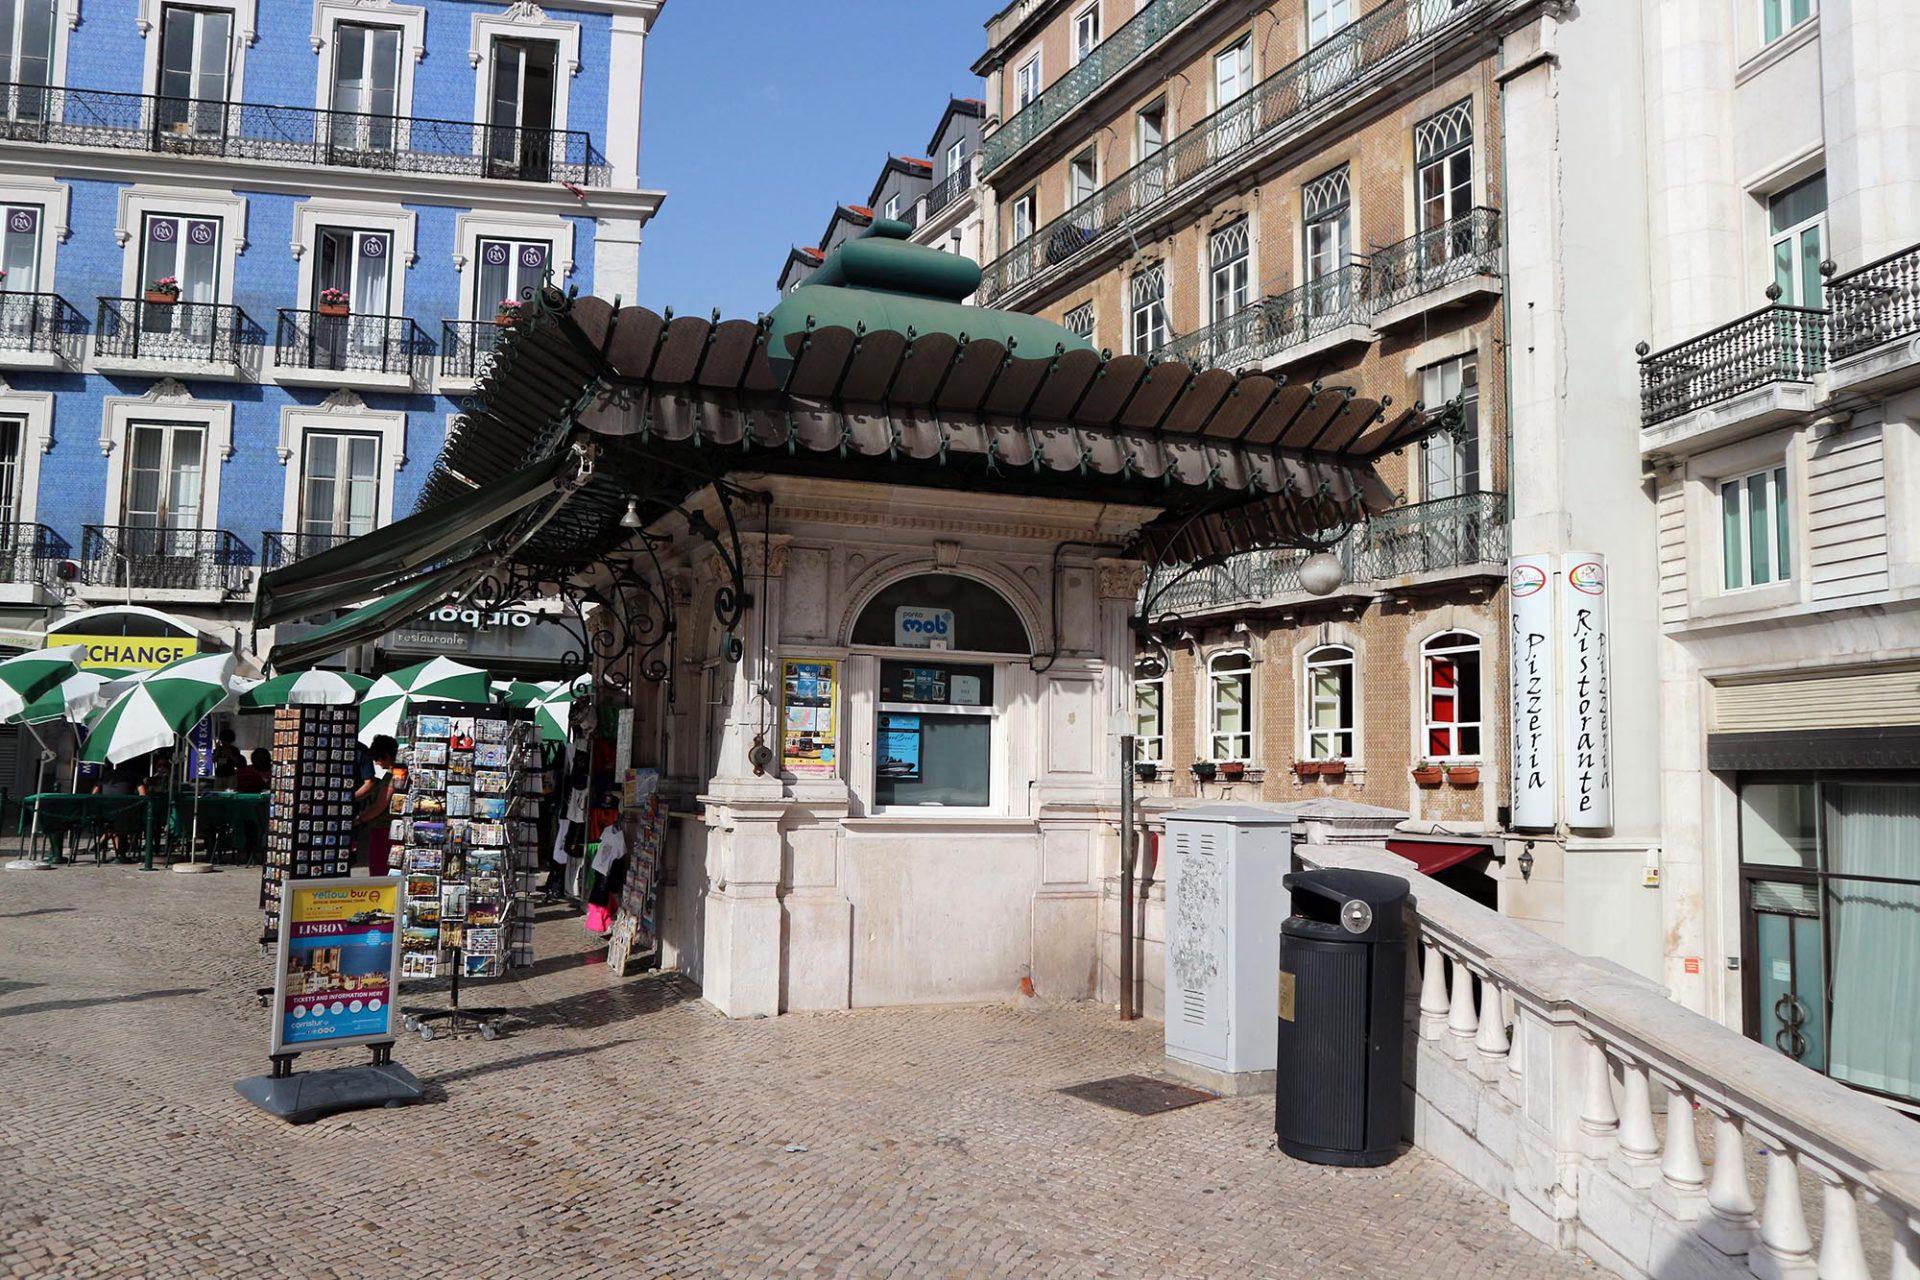 Praça dos Restauradores.  Hier werden Zeitungen und Tabakwaren verkauft.